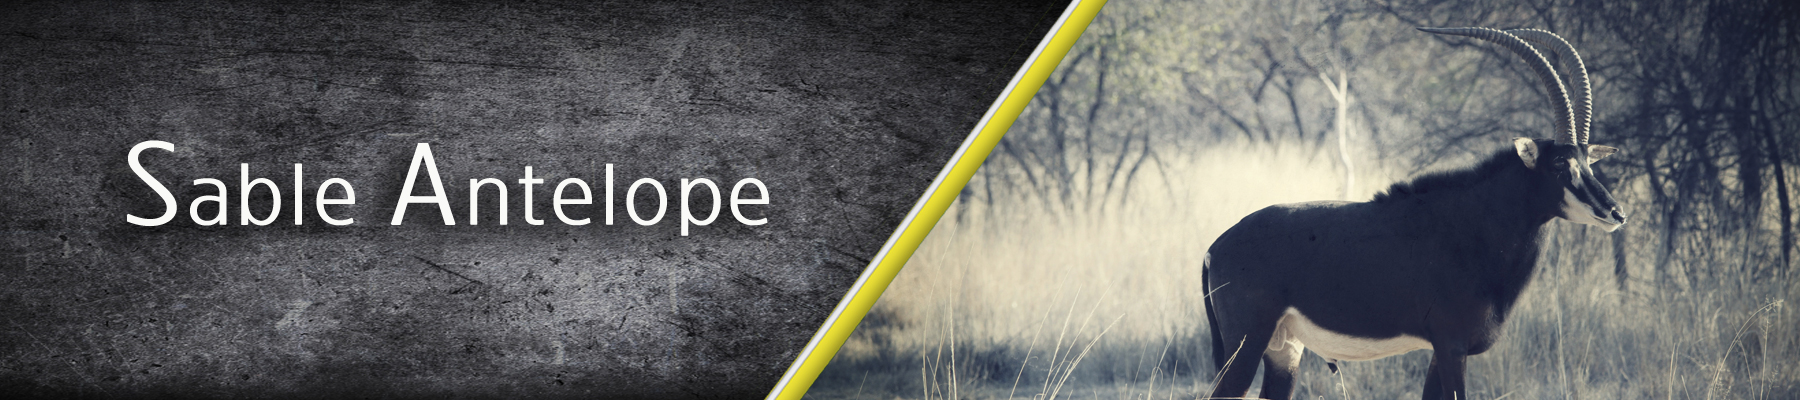 Sable-Antelop